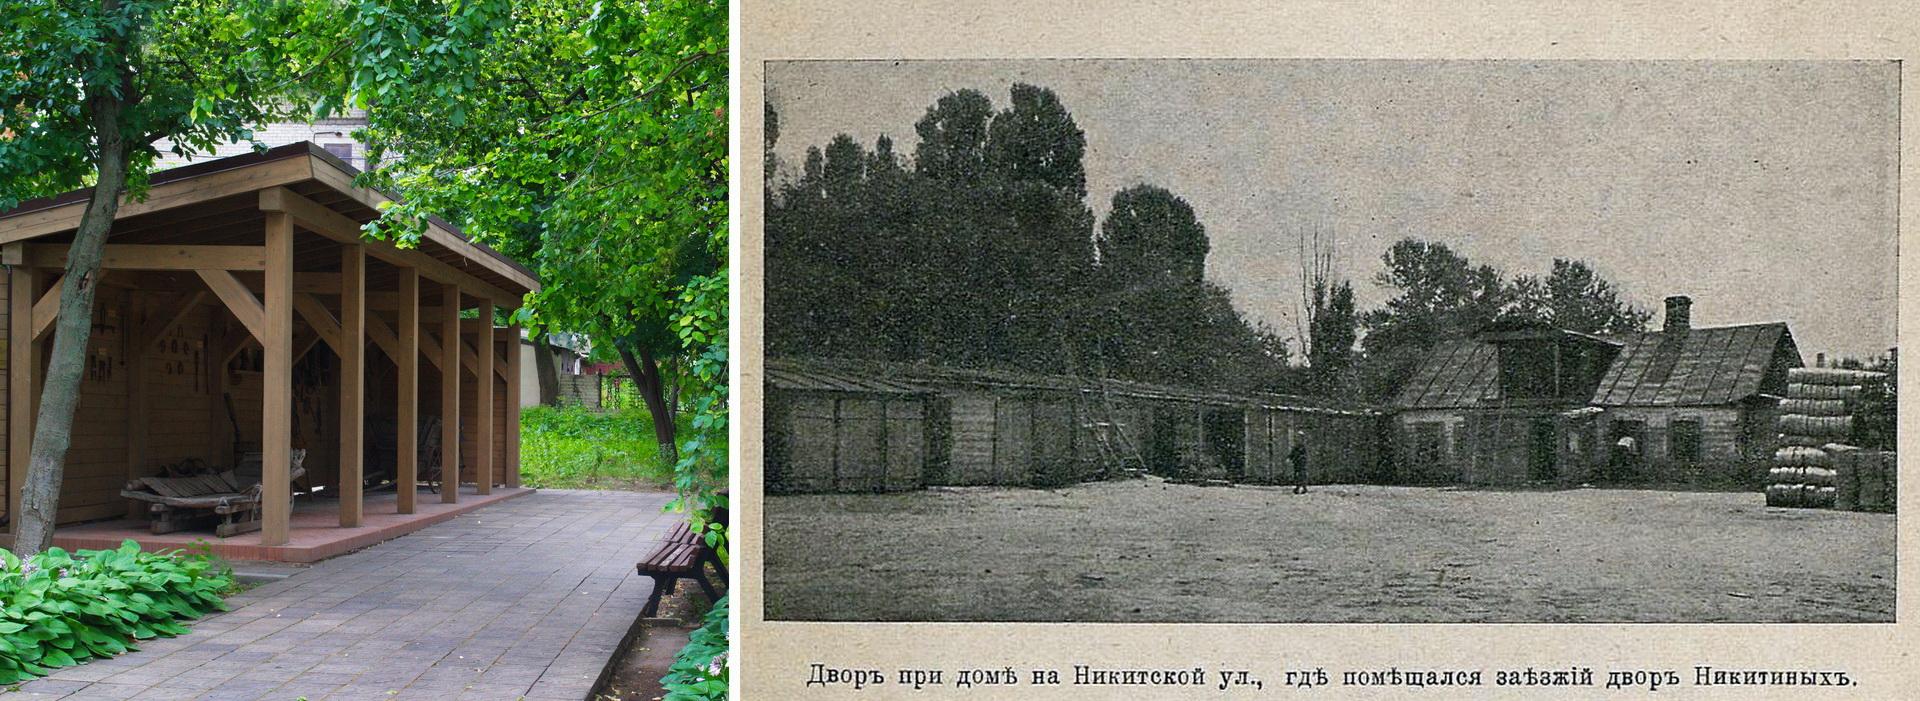 Дом Никитин-Постоялый двор